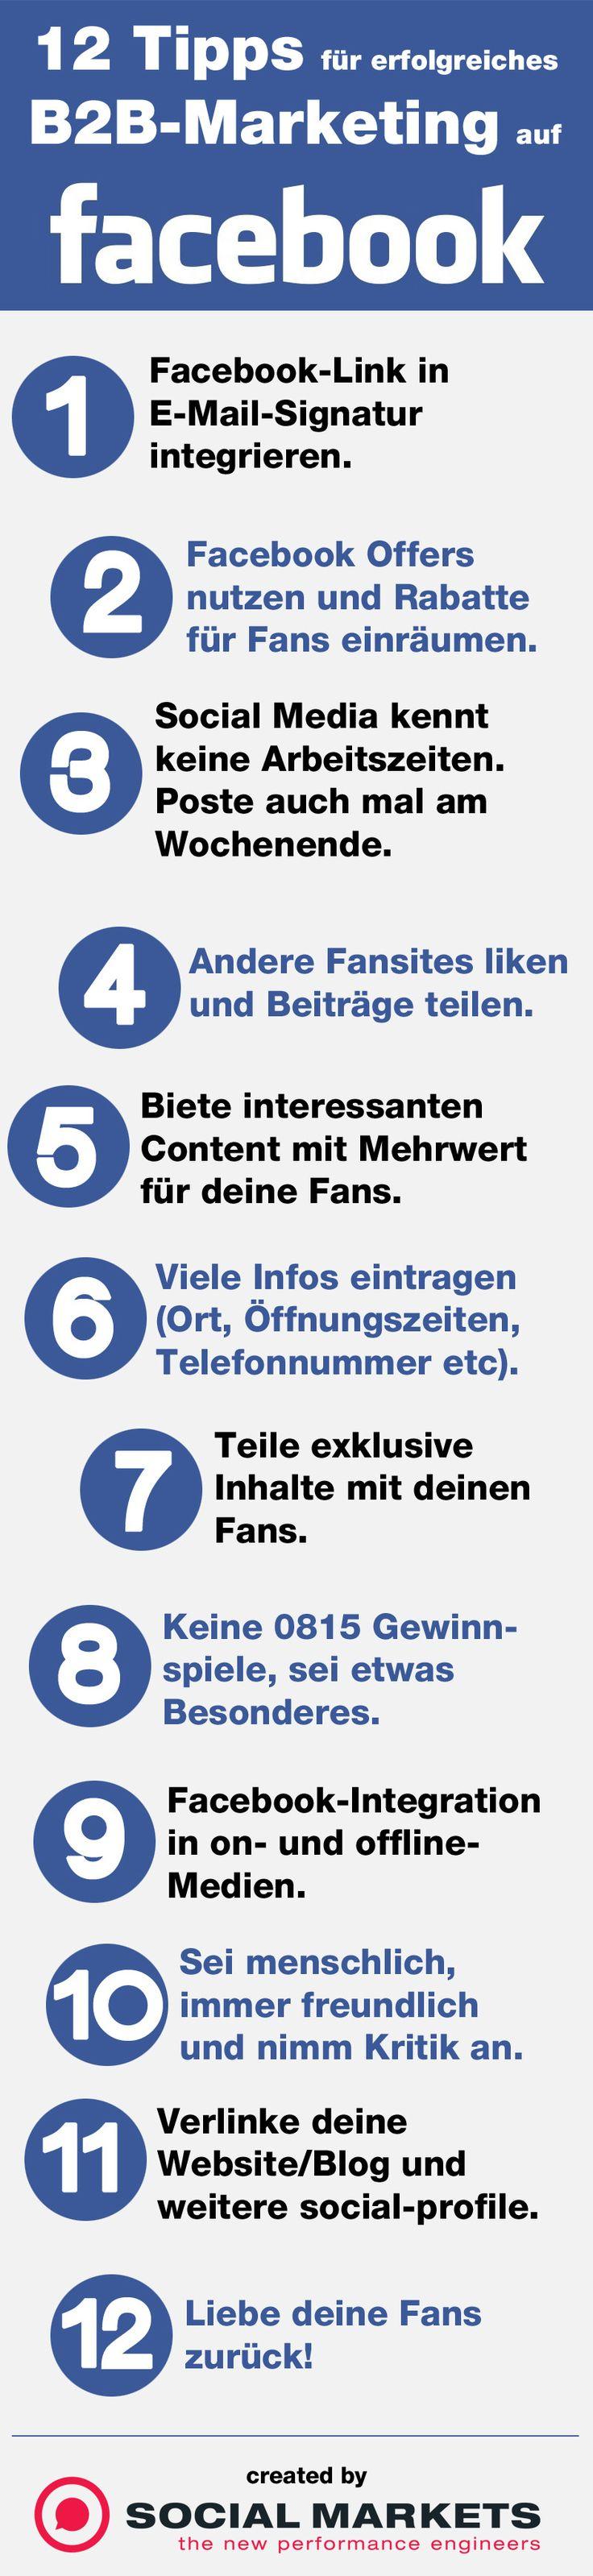 12 #Tipps für #B2B-Marketing auf #Facebook